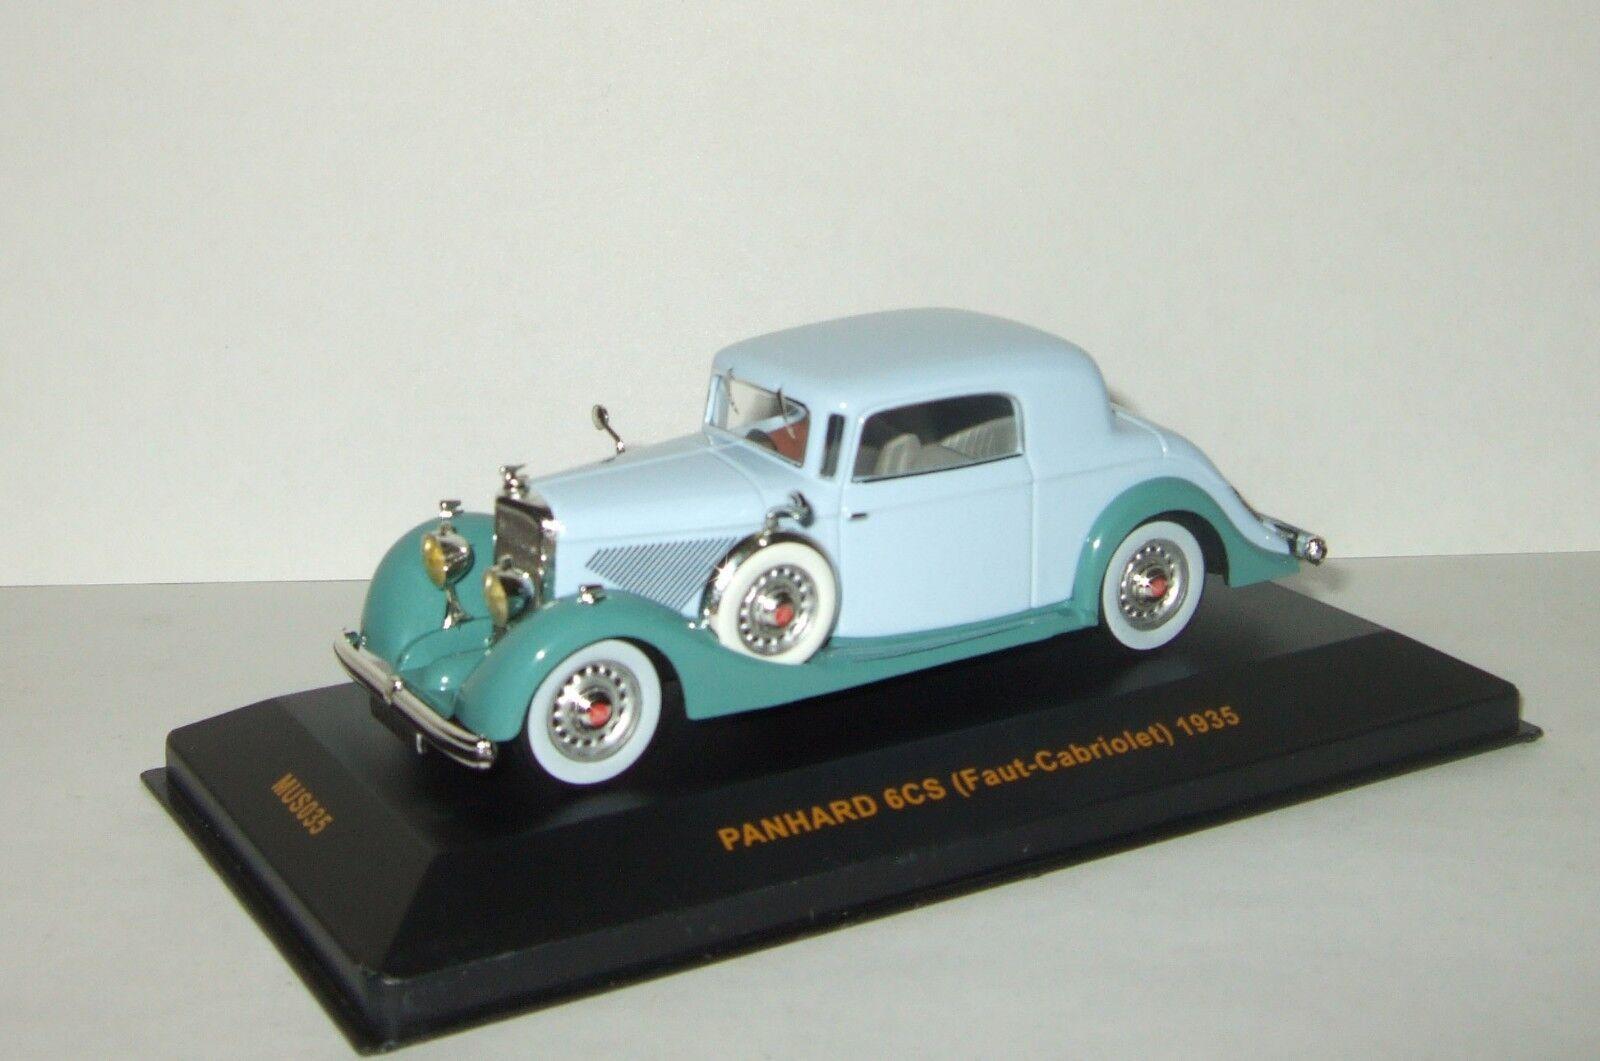 Panhard 6 CS 1935 Ixo Museum 1 43 MUS035